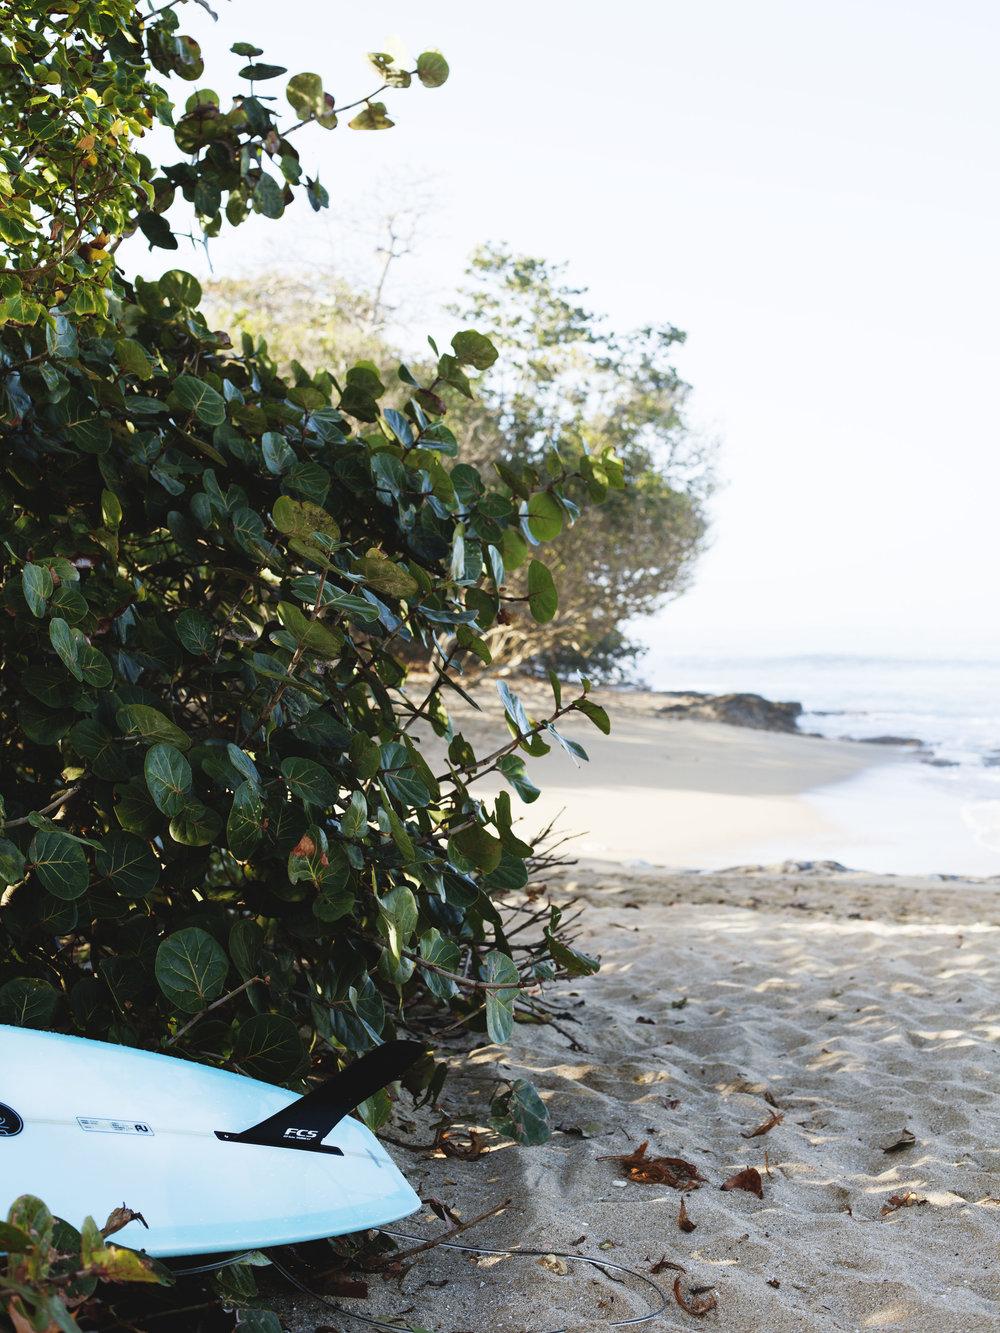 Puerto_Rico_35 copy.jpg